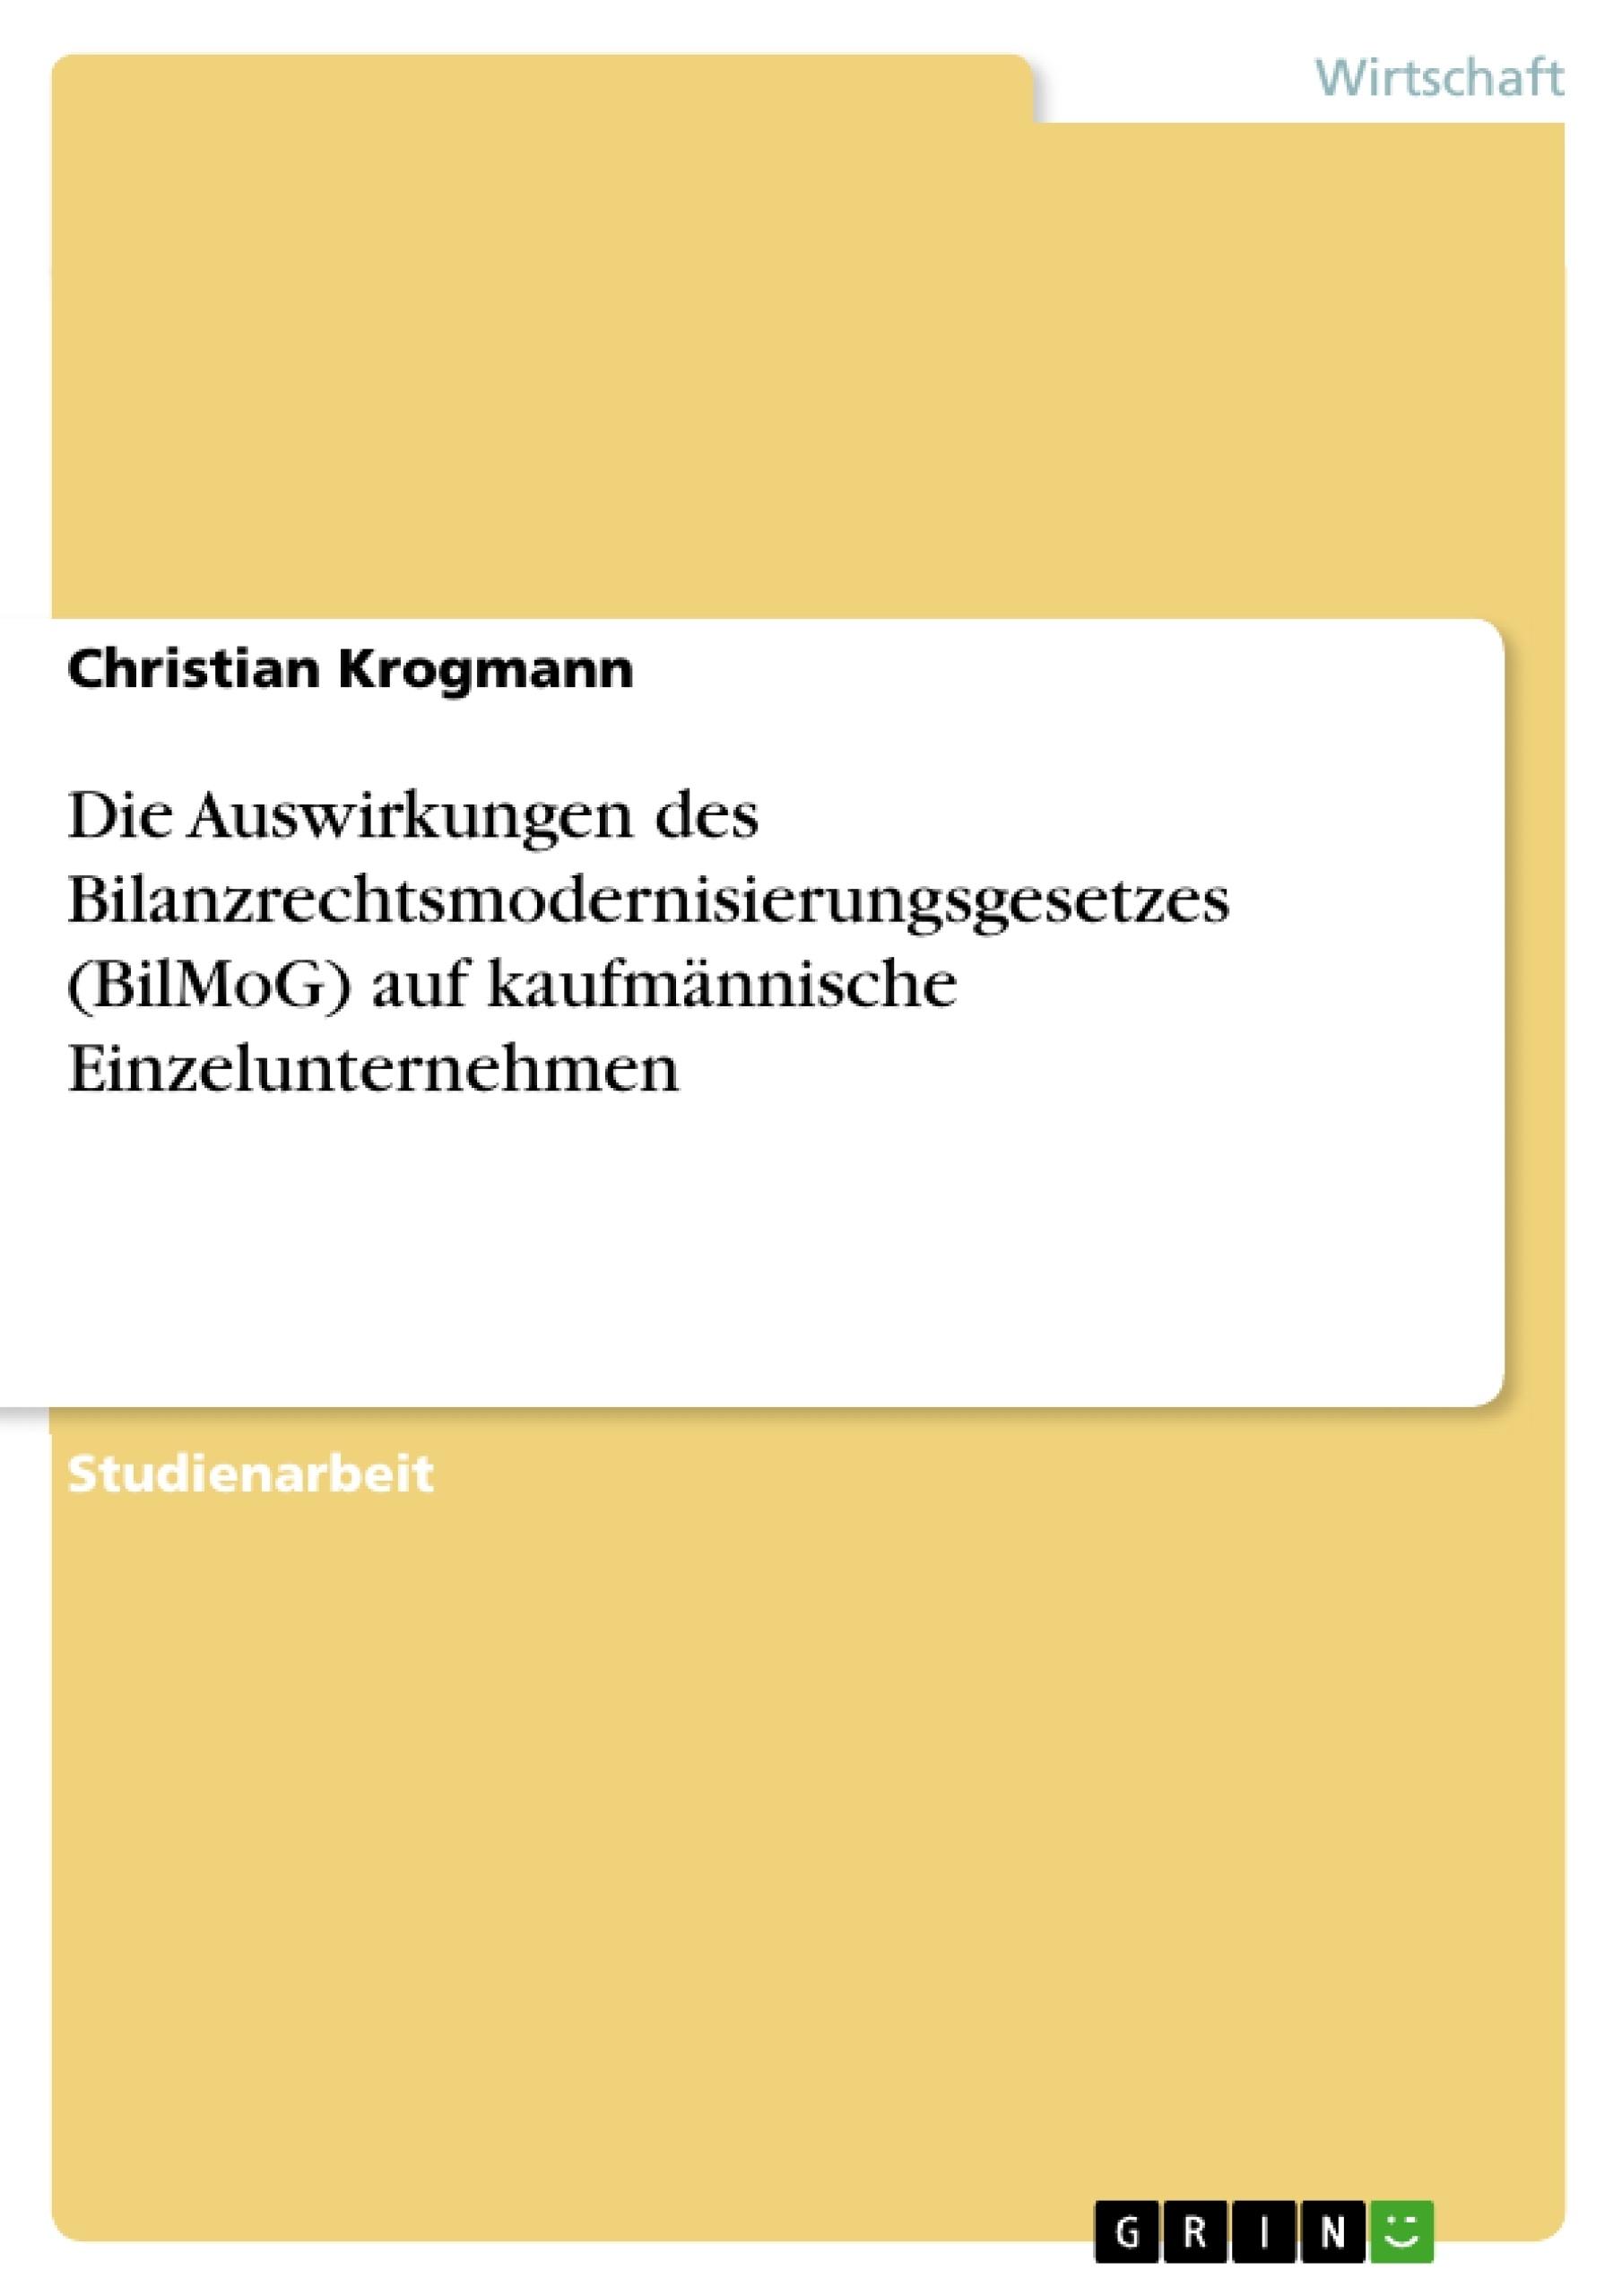 Titel: Die Auswirkungen des Bilanzrechtsmodernisierungsgesetzes (BilMoG) auf kaufmännische Einzelunternehmen